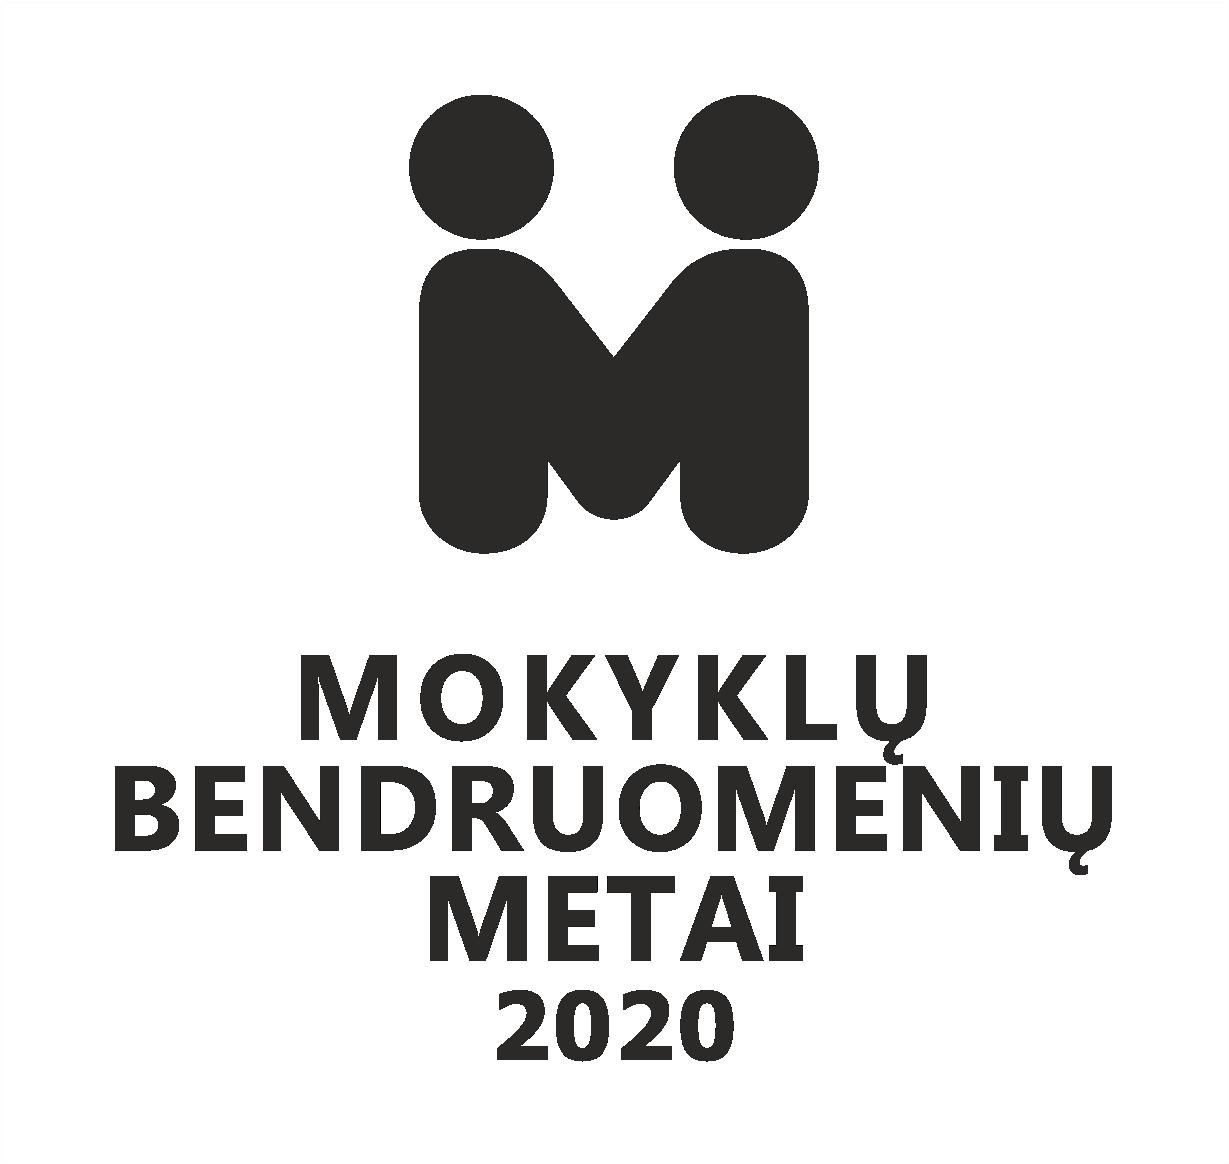 bendruomeniu logo 1